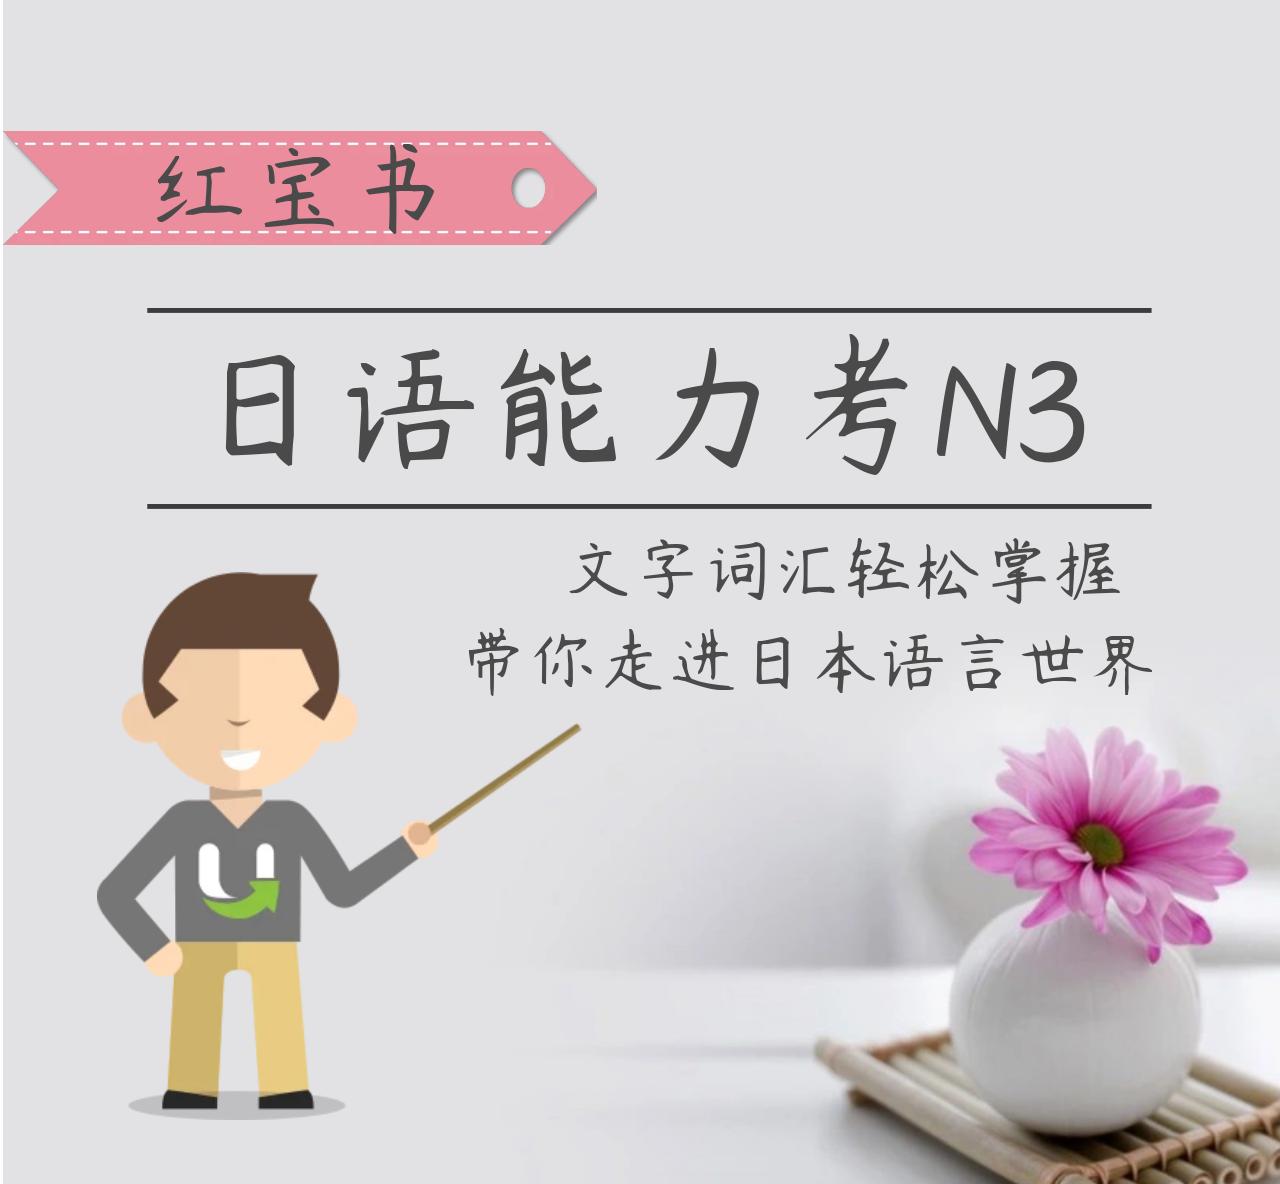 日语学习|每天五分钟轻松拿下N3